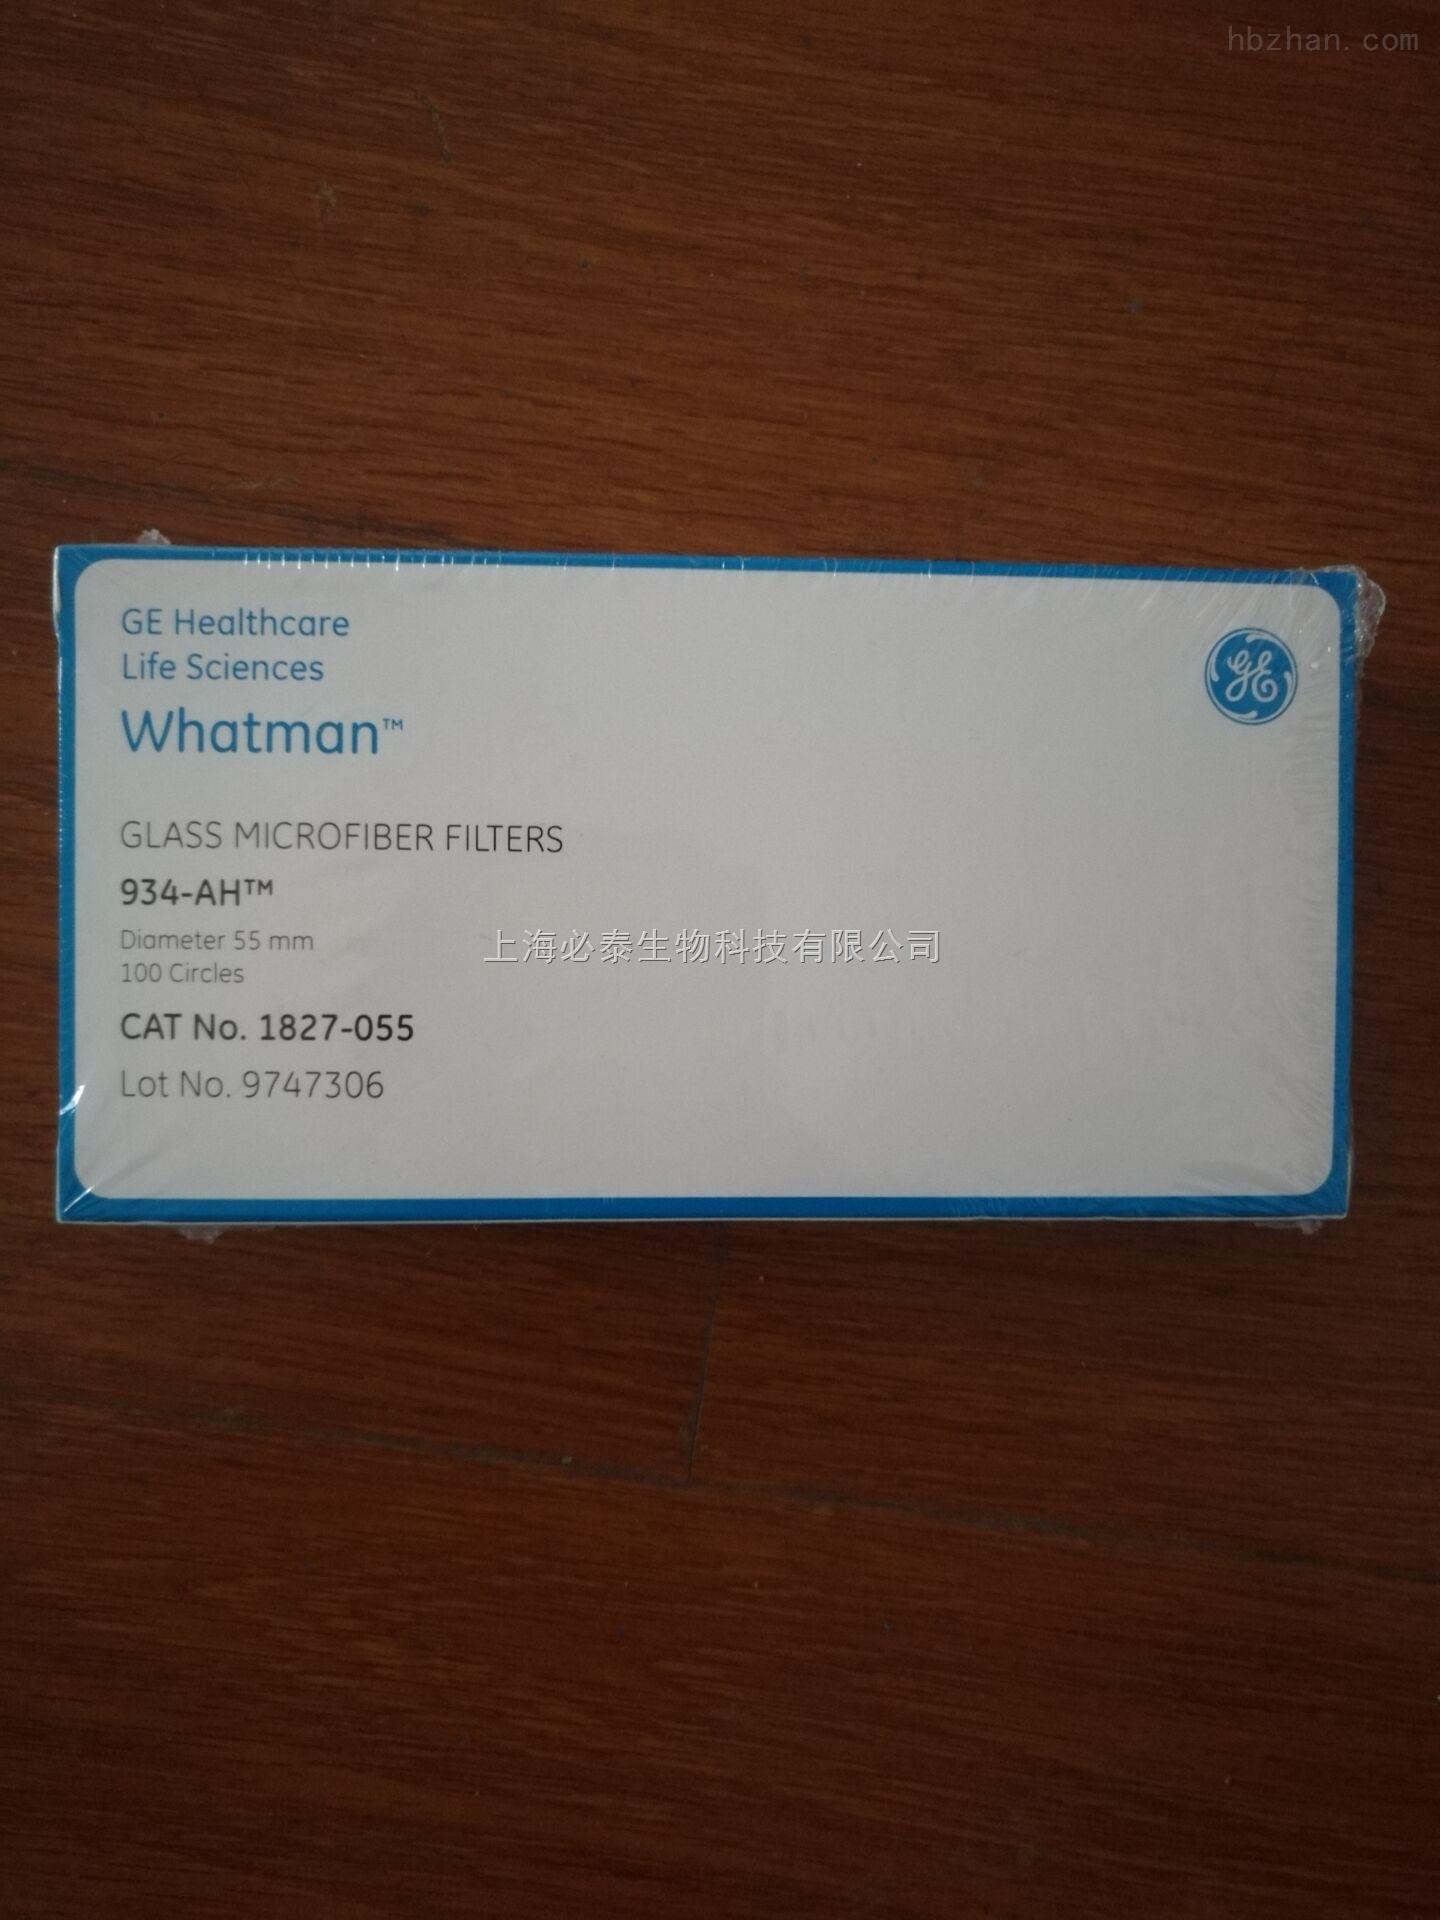 whatman无荧光特性玻璃纤维滤纸934-AH